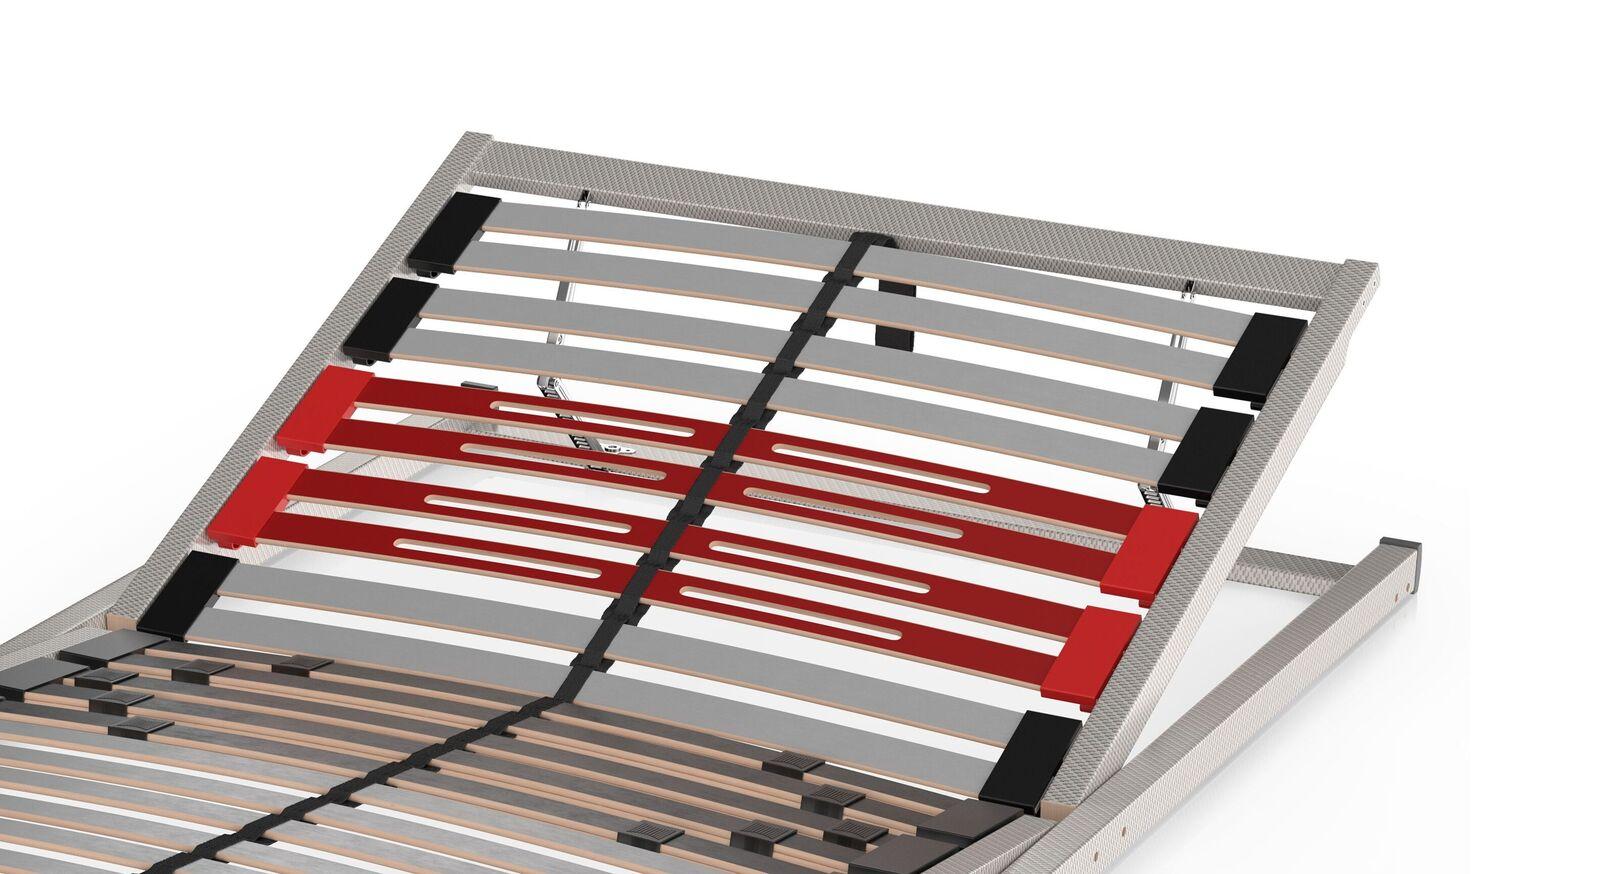 SCHLARAFFIA Bettkasten-Lattenrost Classic 28 Gasfeder mit flexibler Schulterabsenkung